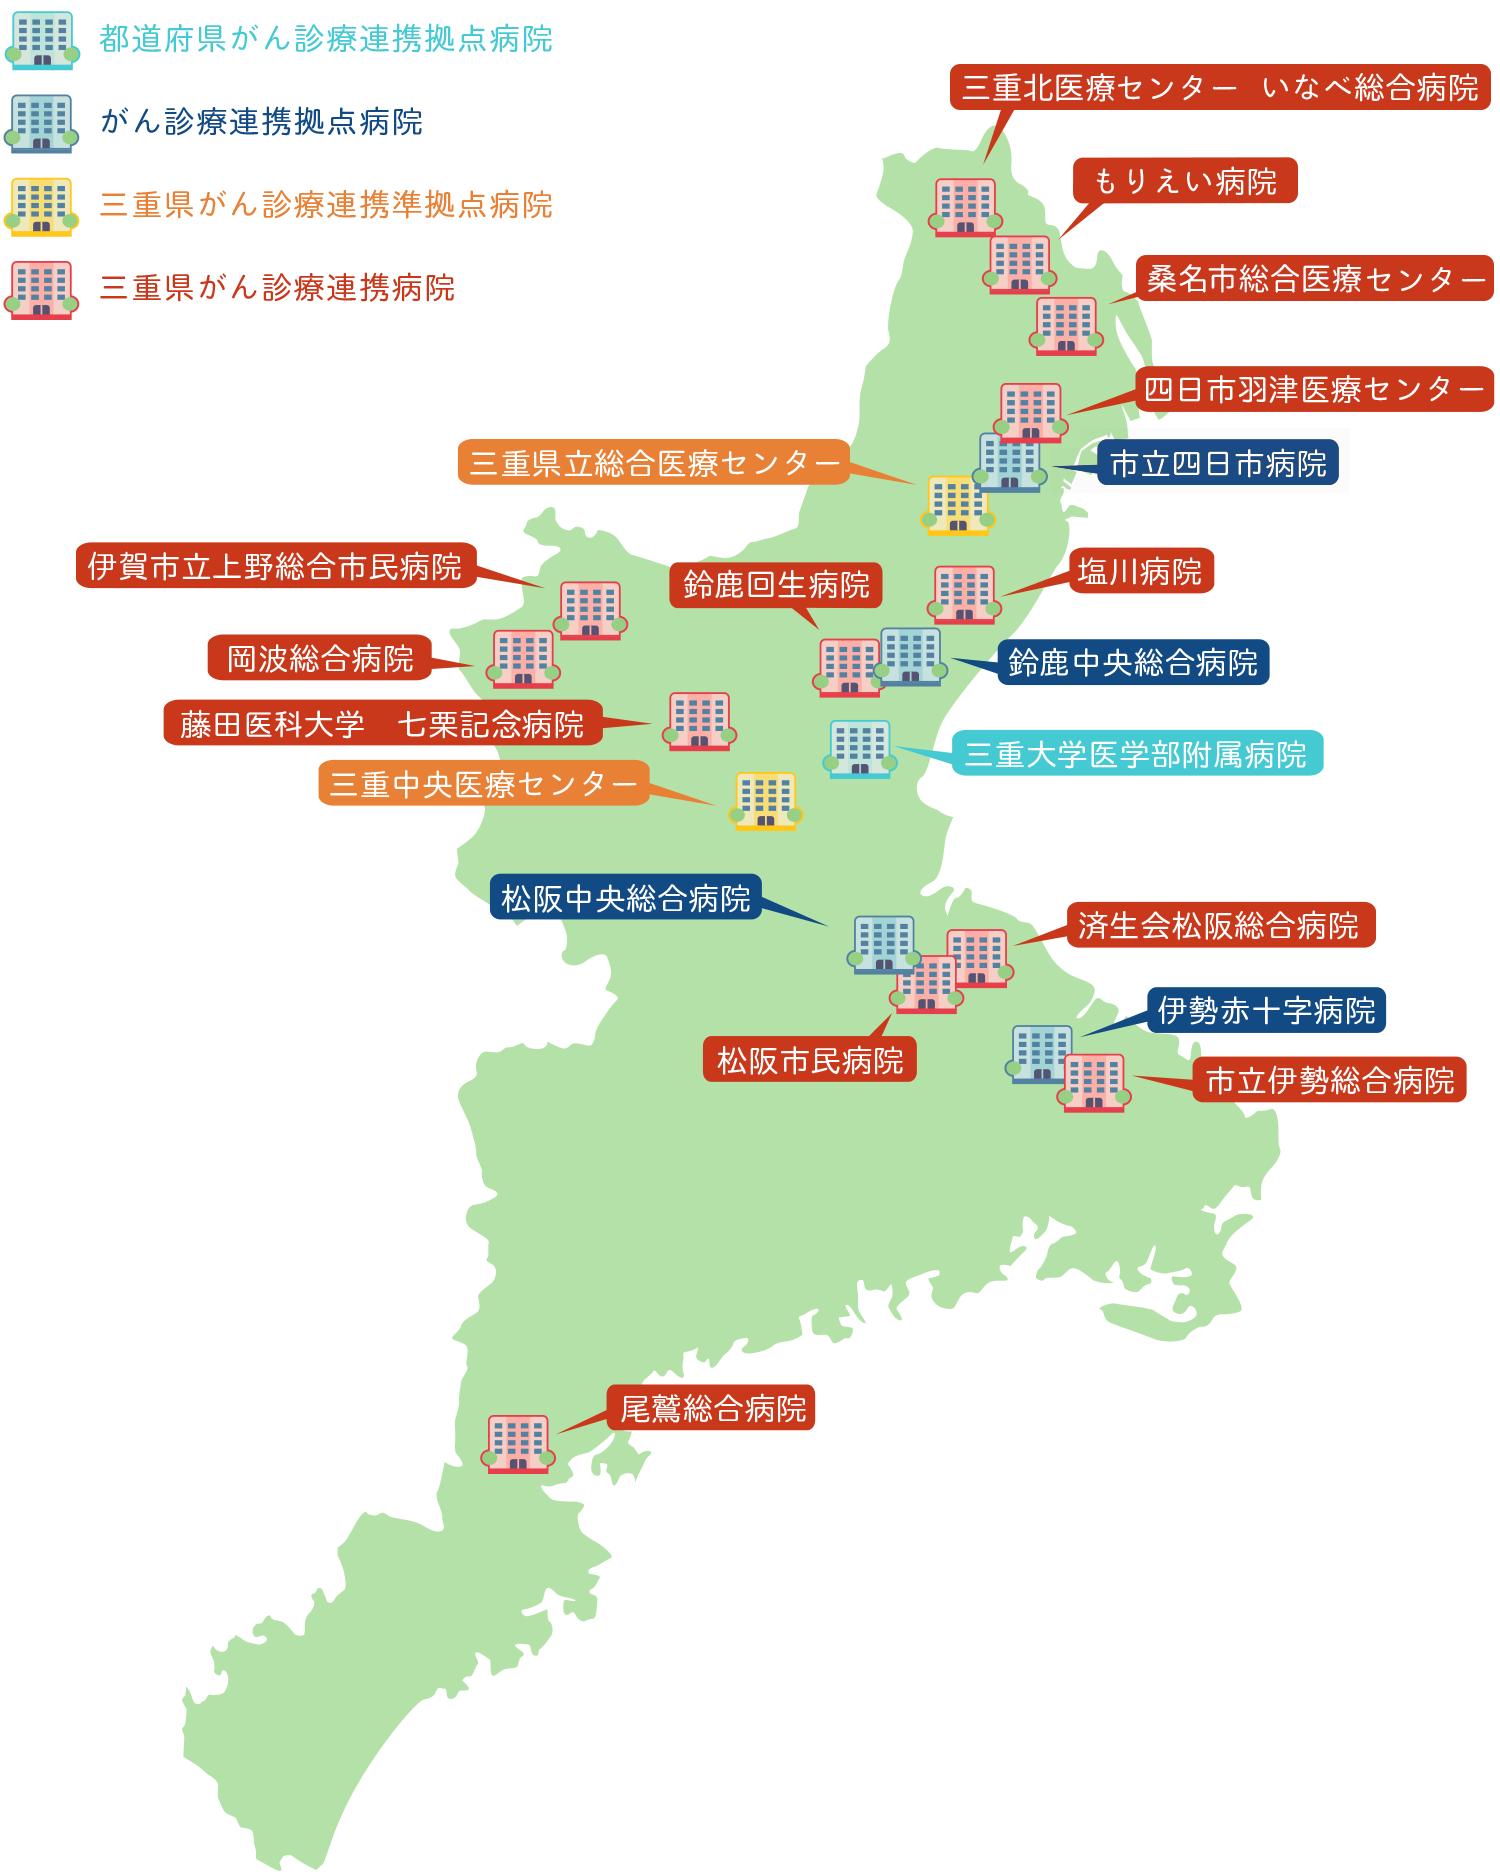 三重県のがん拠点マップ